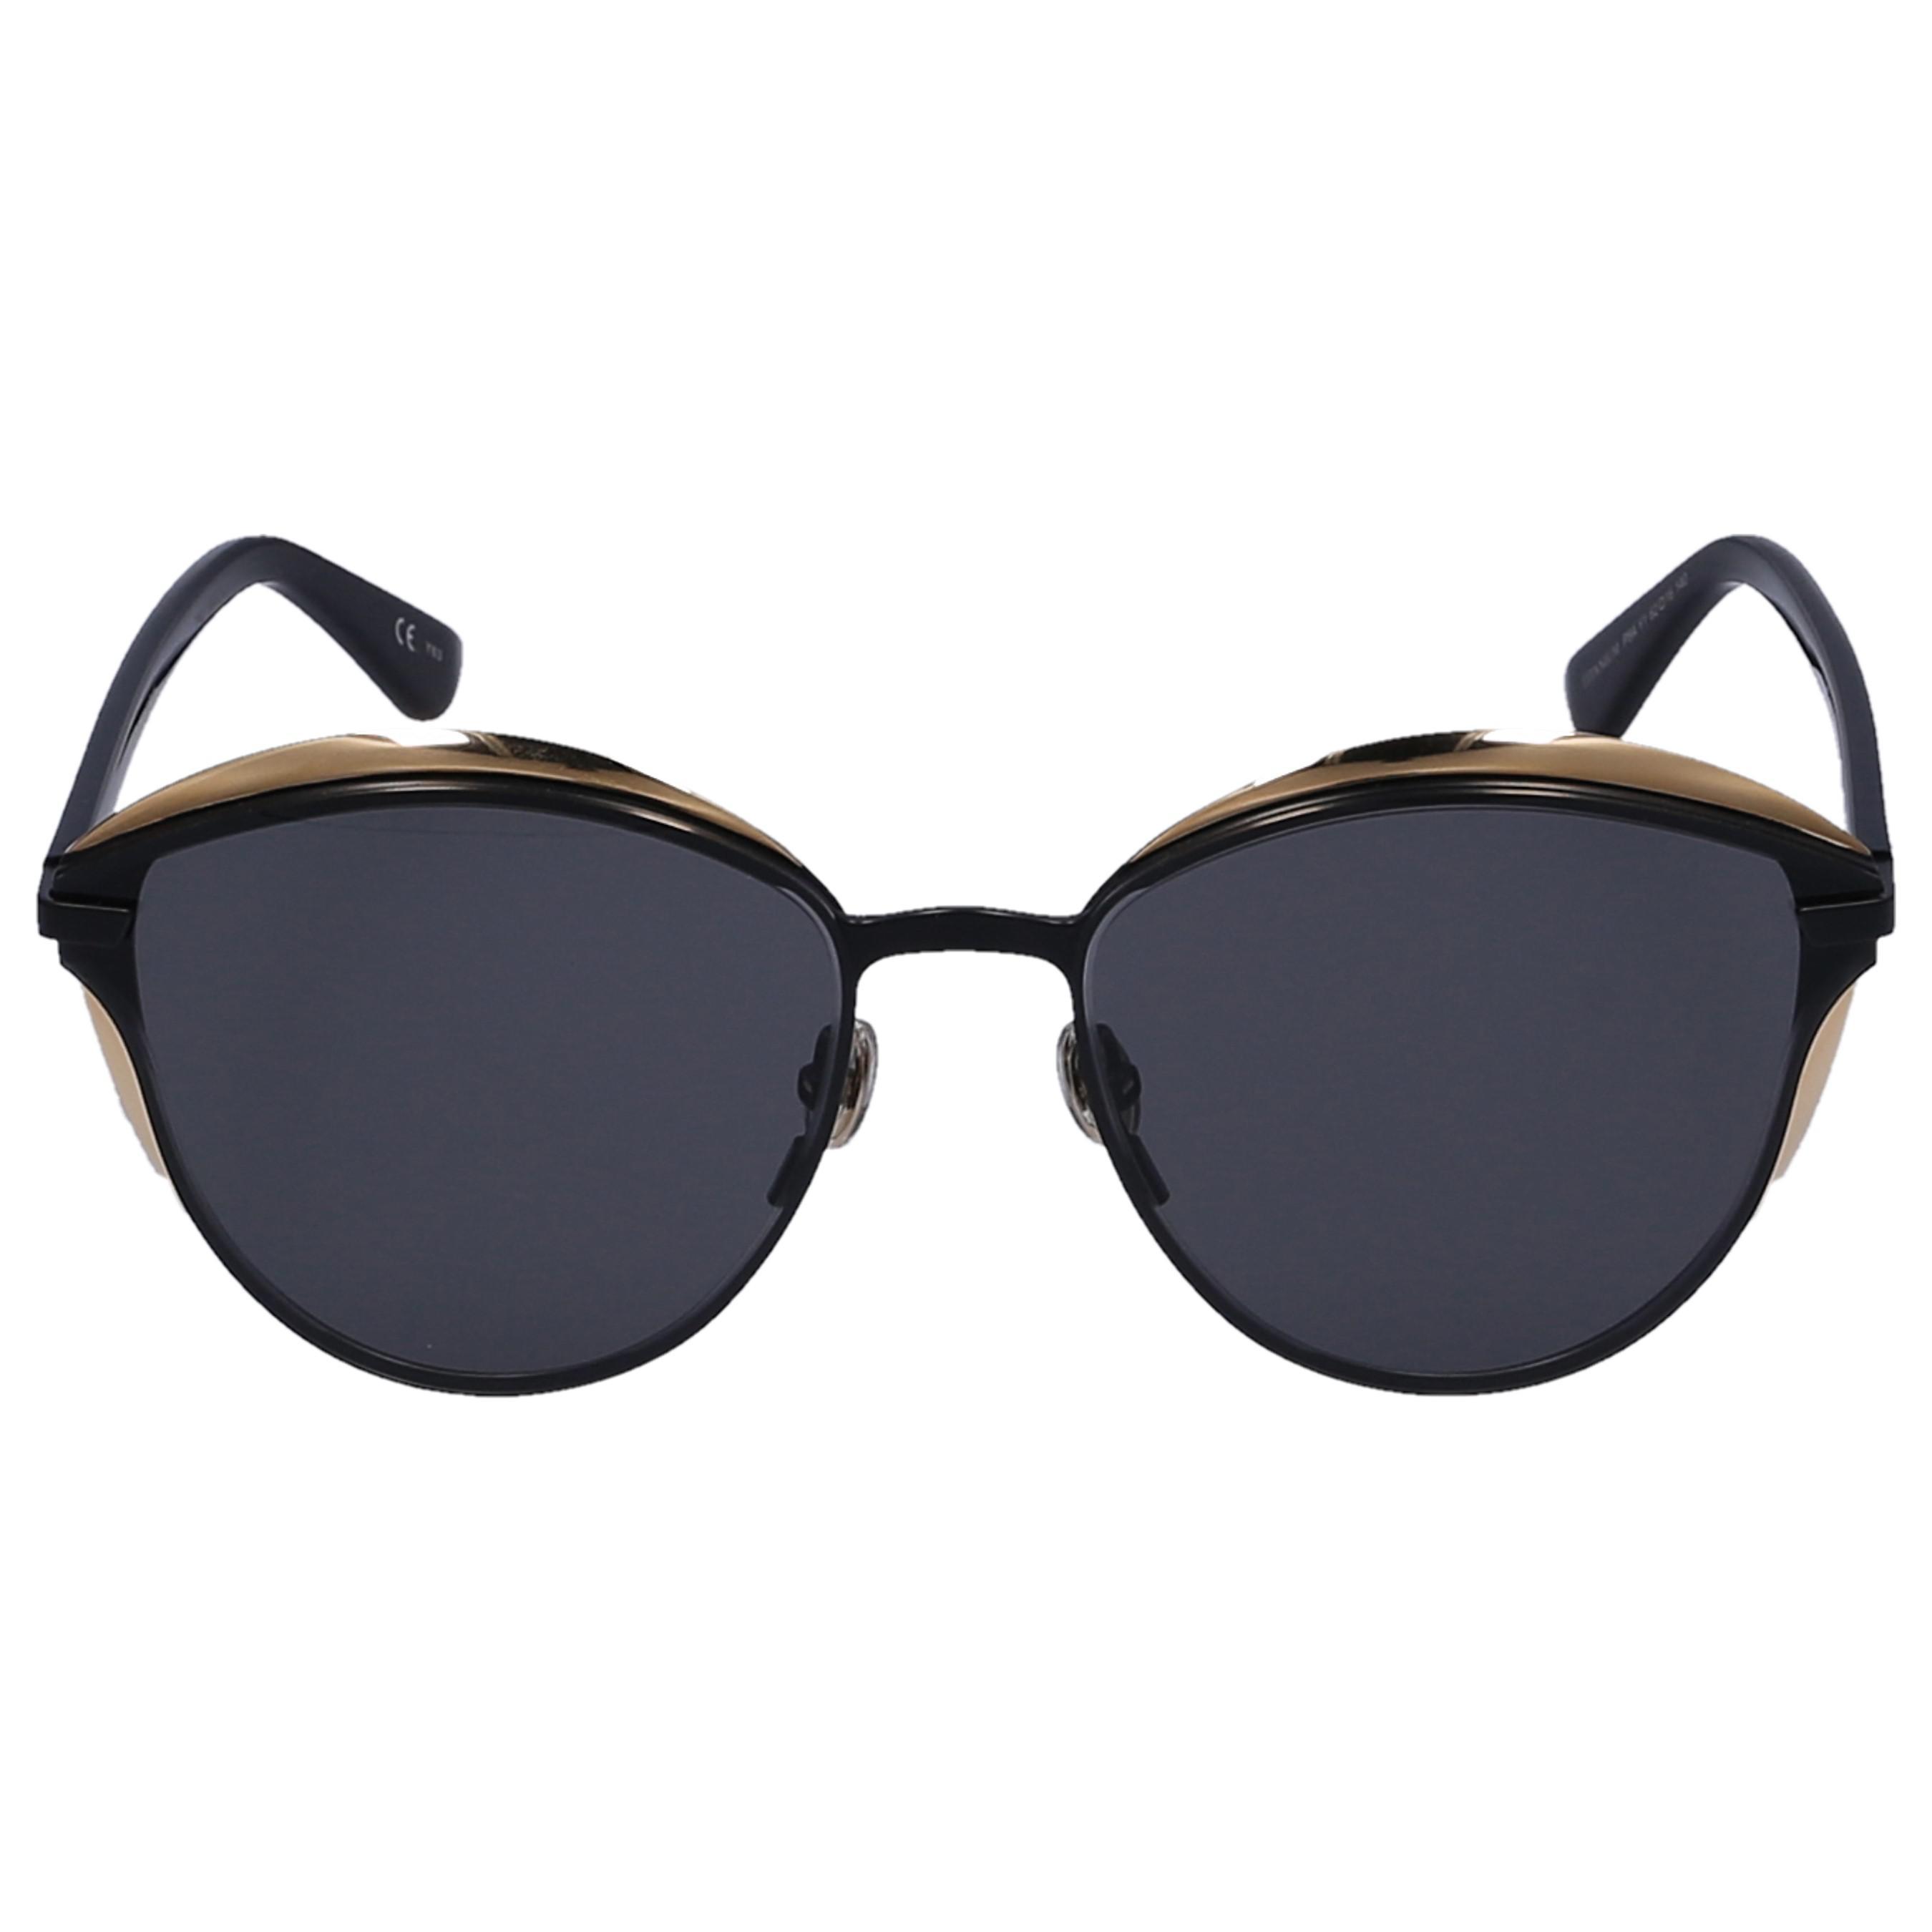 594462bb58 Dior Sunglasses Cat Eye Murmur Acetate Black in Blue - Lyst